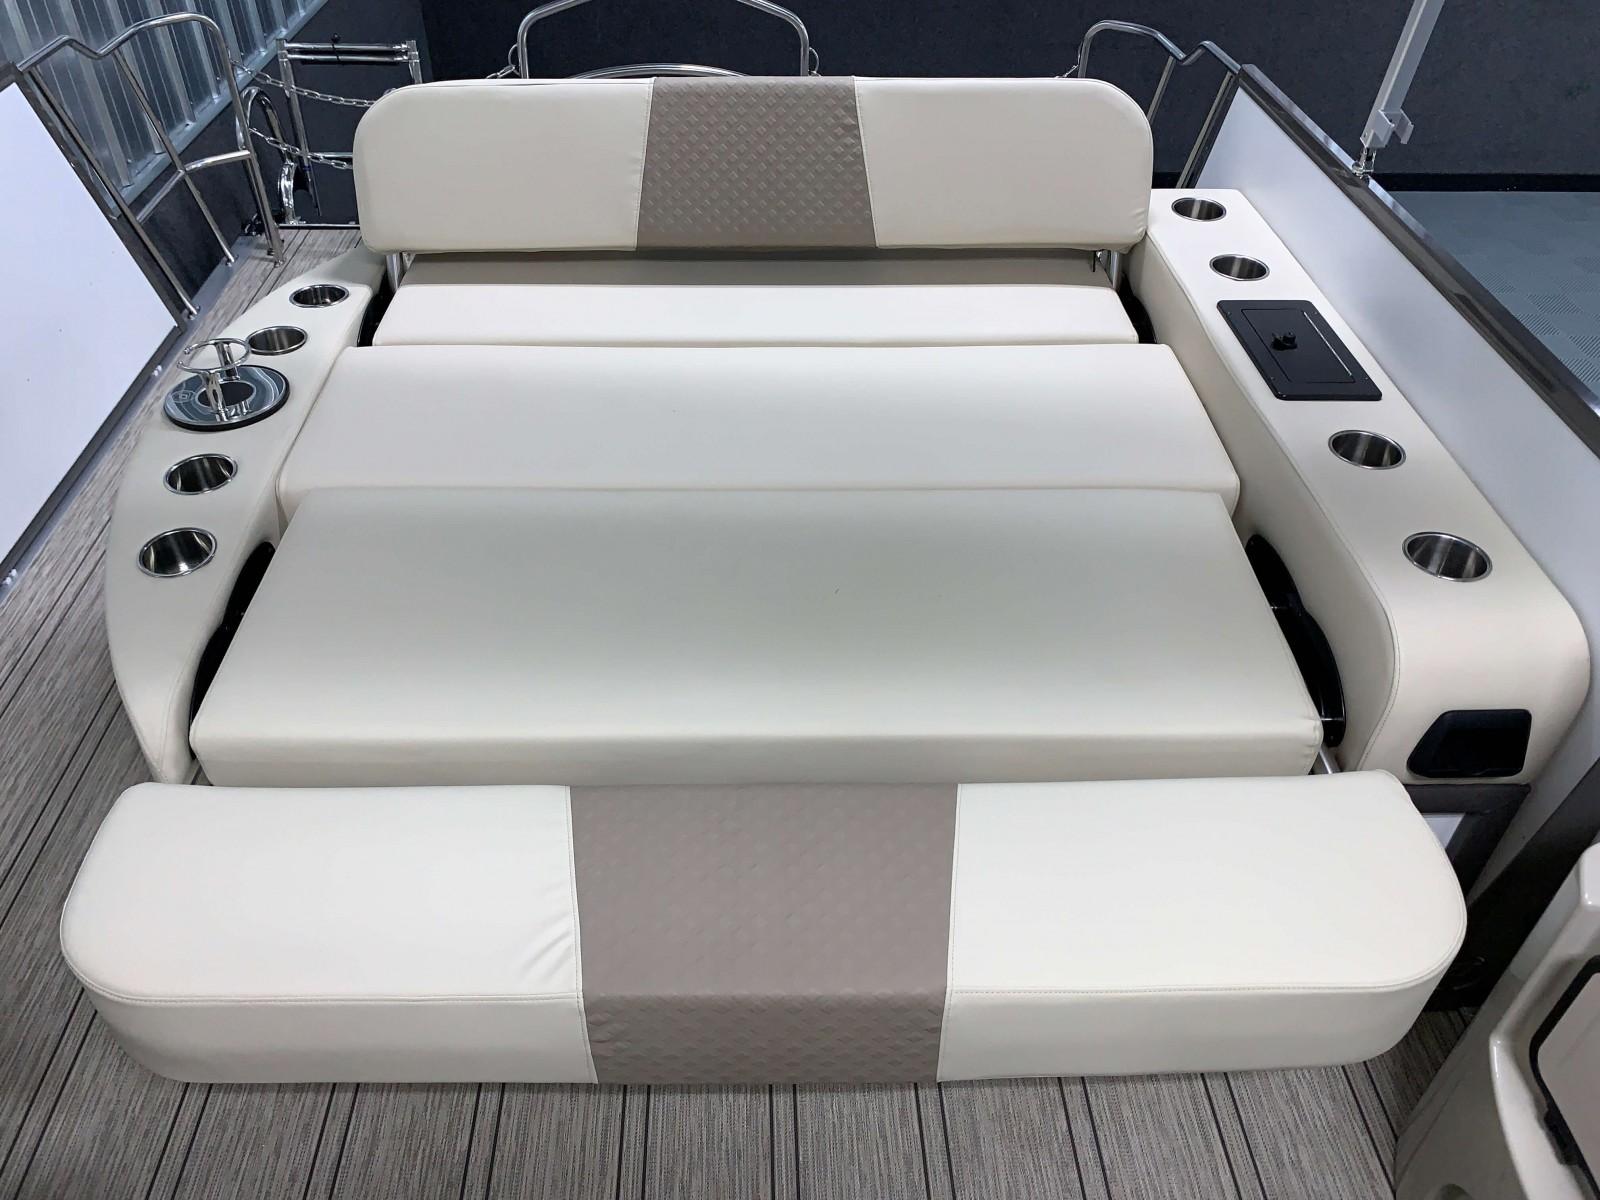 Cream Interior on the 2021 Premier 230 Solaris RL Tritoon Boat